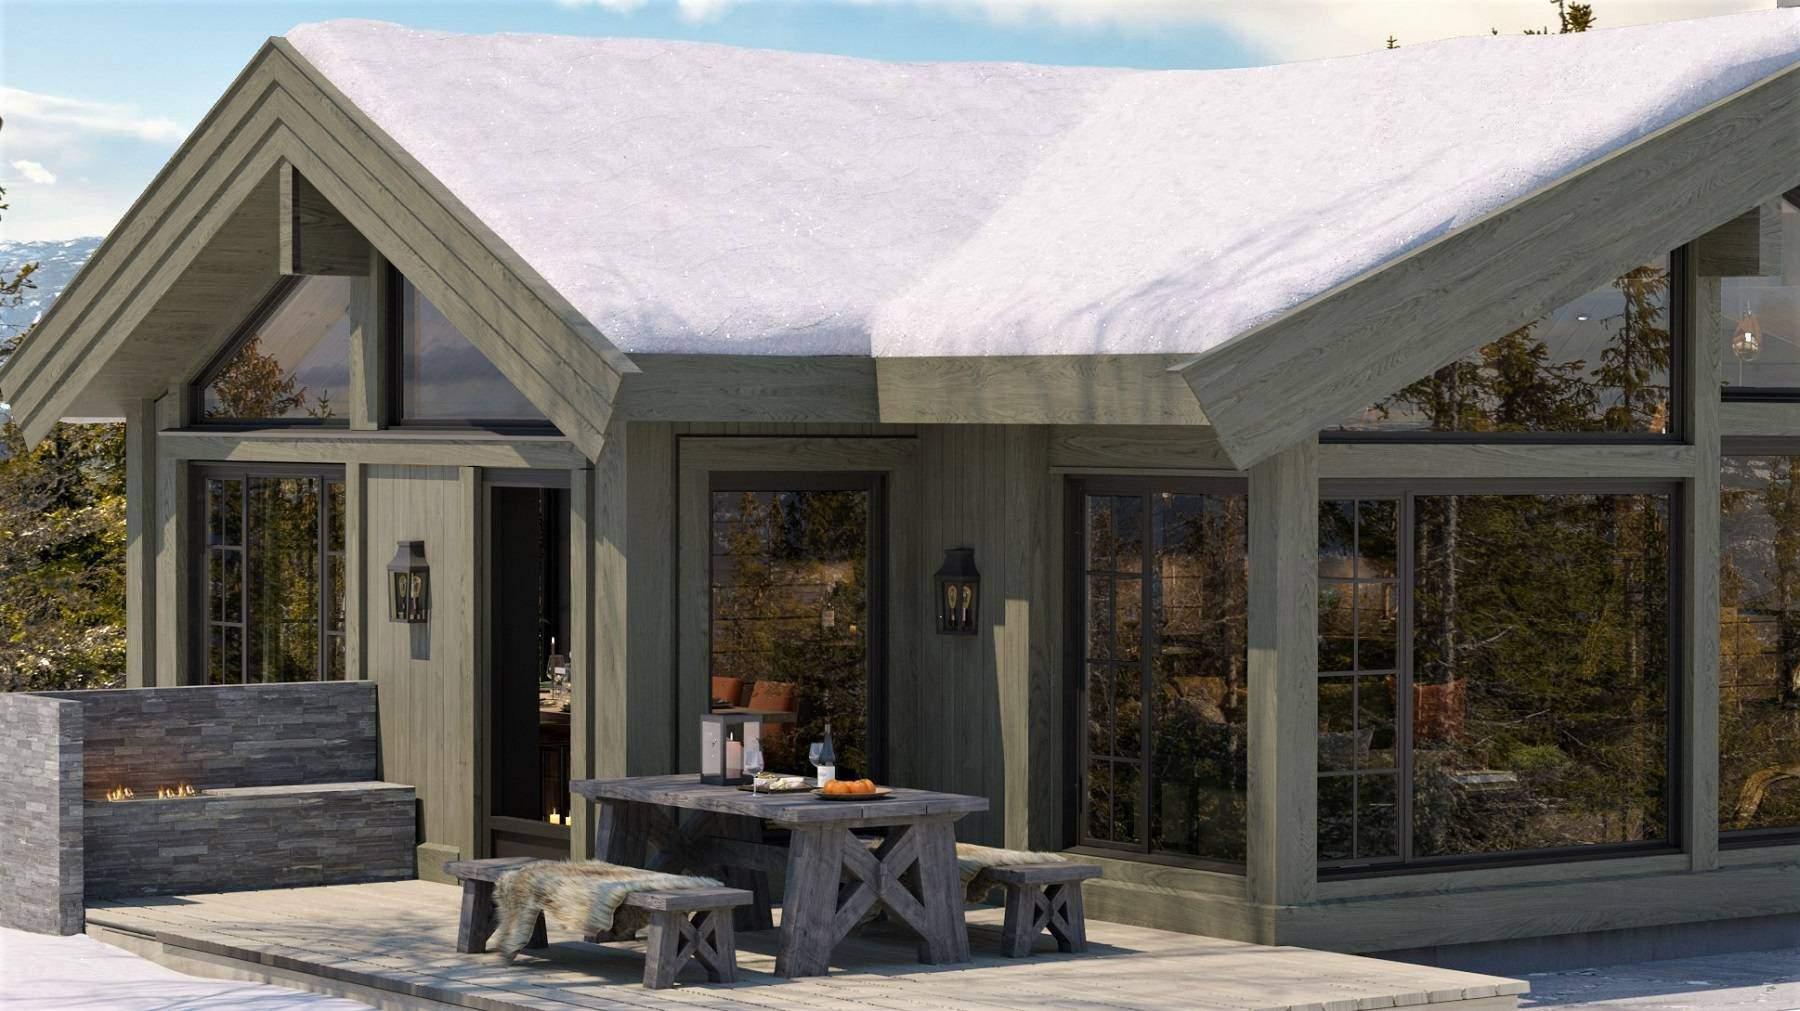 508 Spiseplass på terrasse utenfor spisestua. Hyttemodell Geilo 155